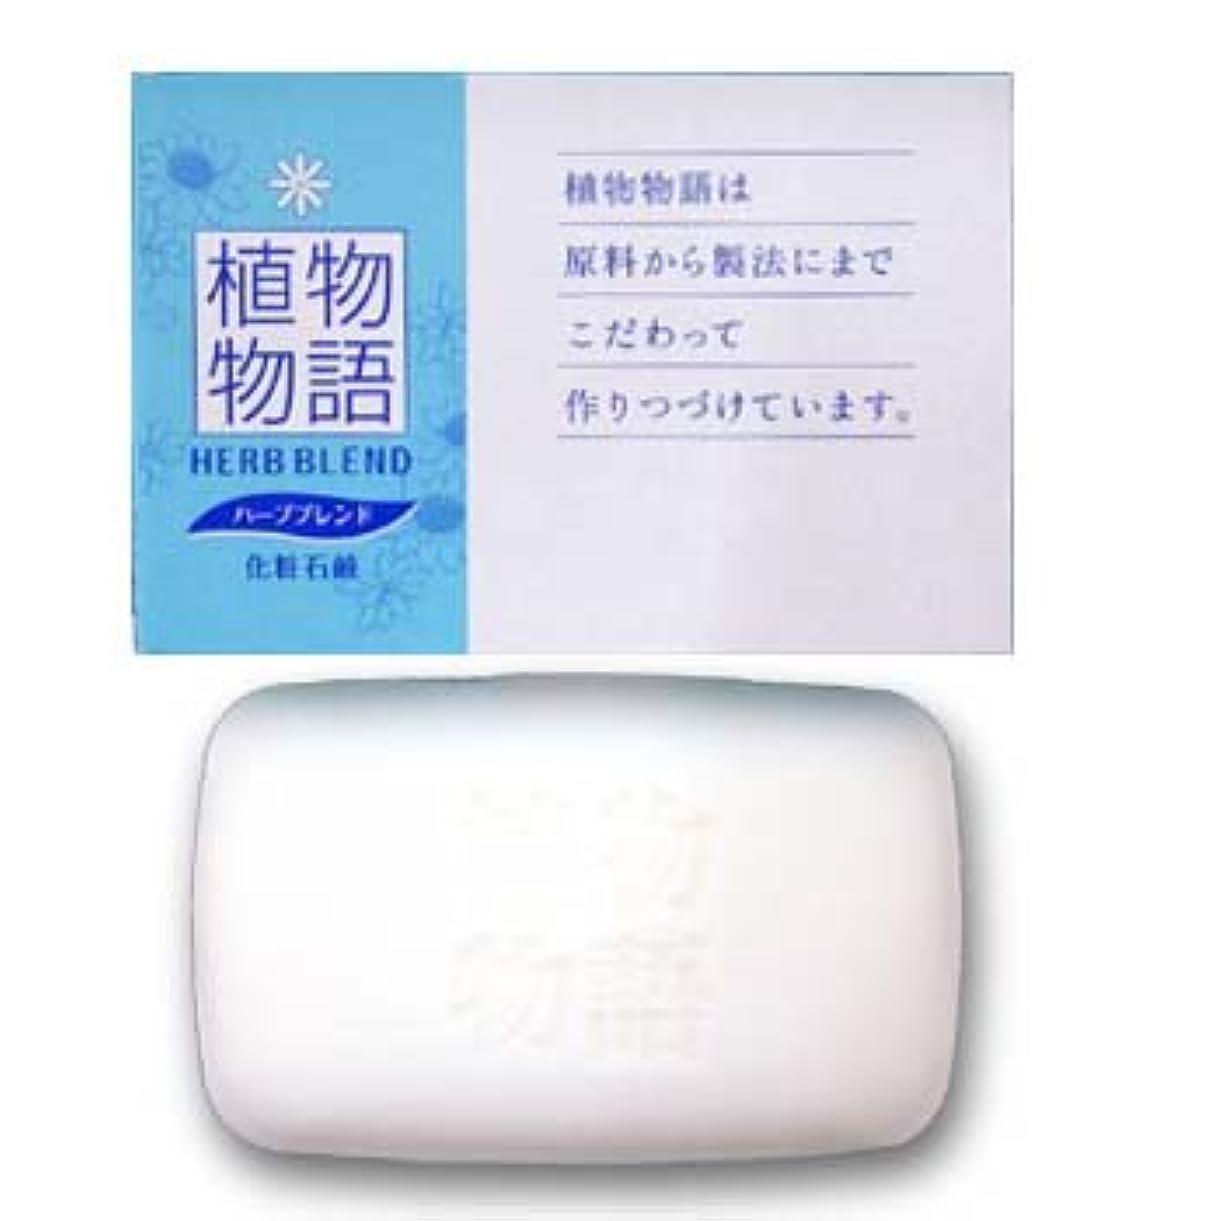 チャット裏切り望ましいLION 植物物語石鹸80g化粧箱入(1セット100個入)